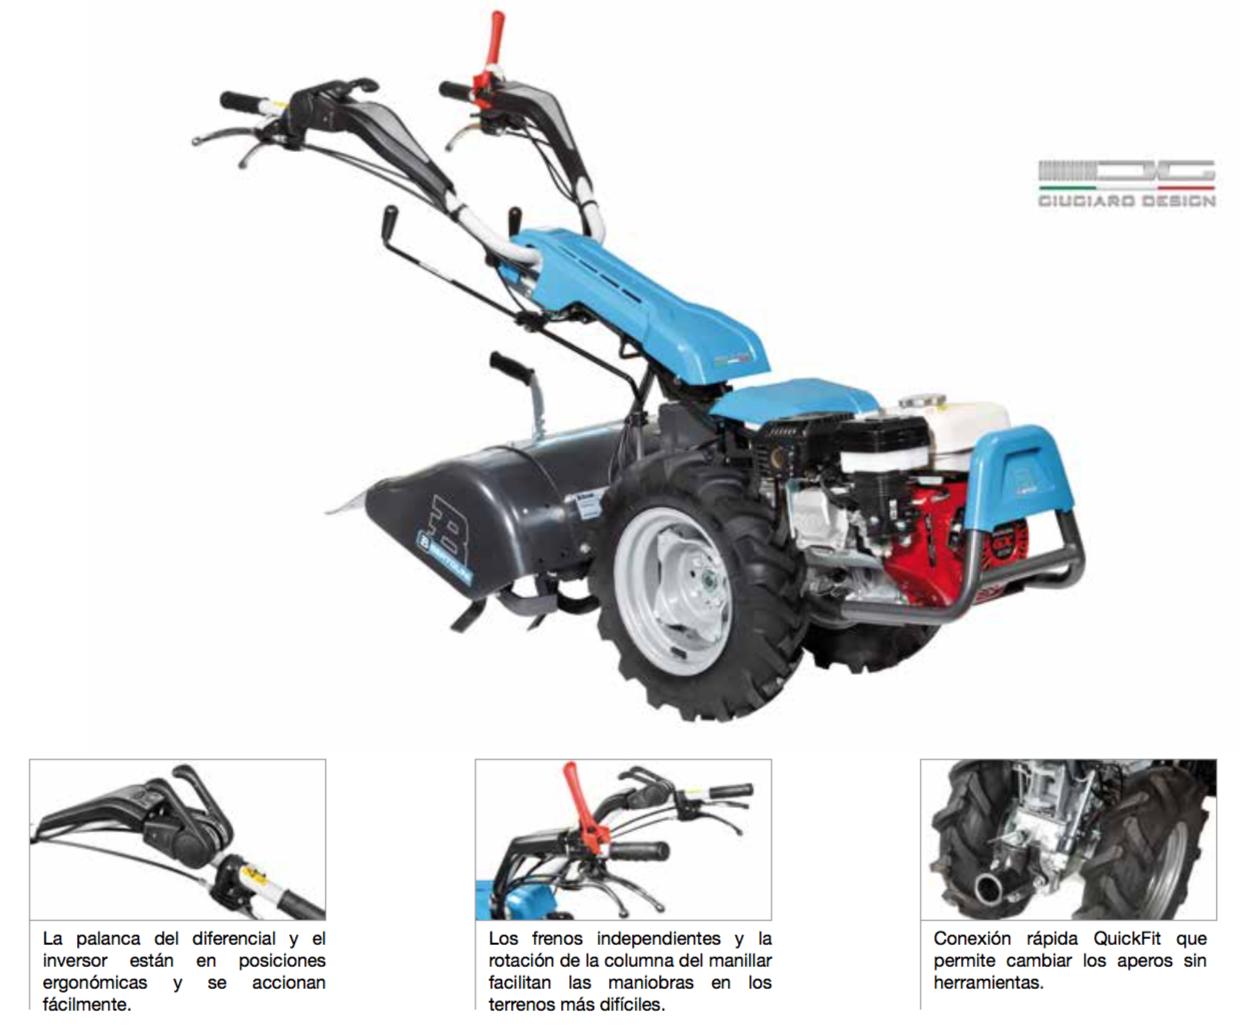 Motocultor gasolina Bertolini 407S Honda caracteristicas